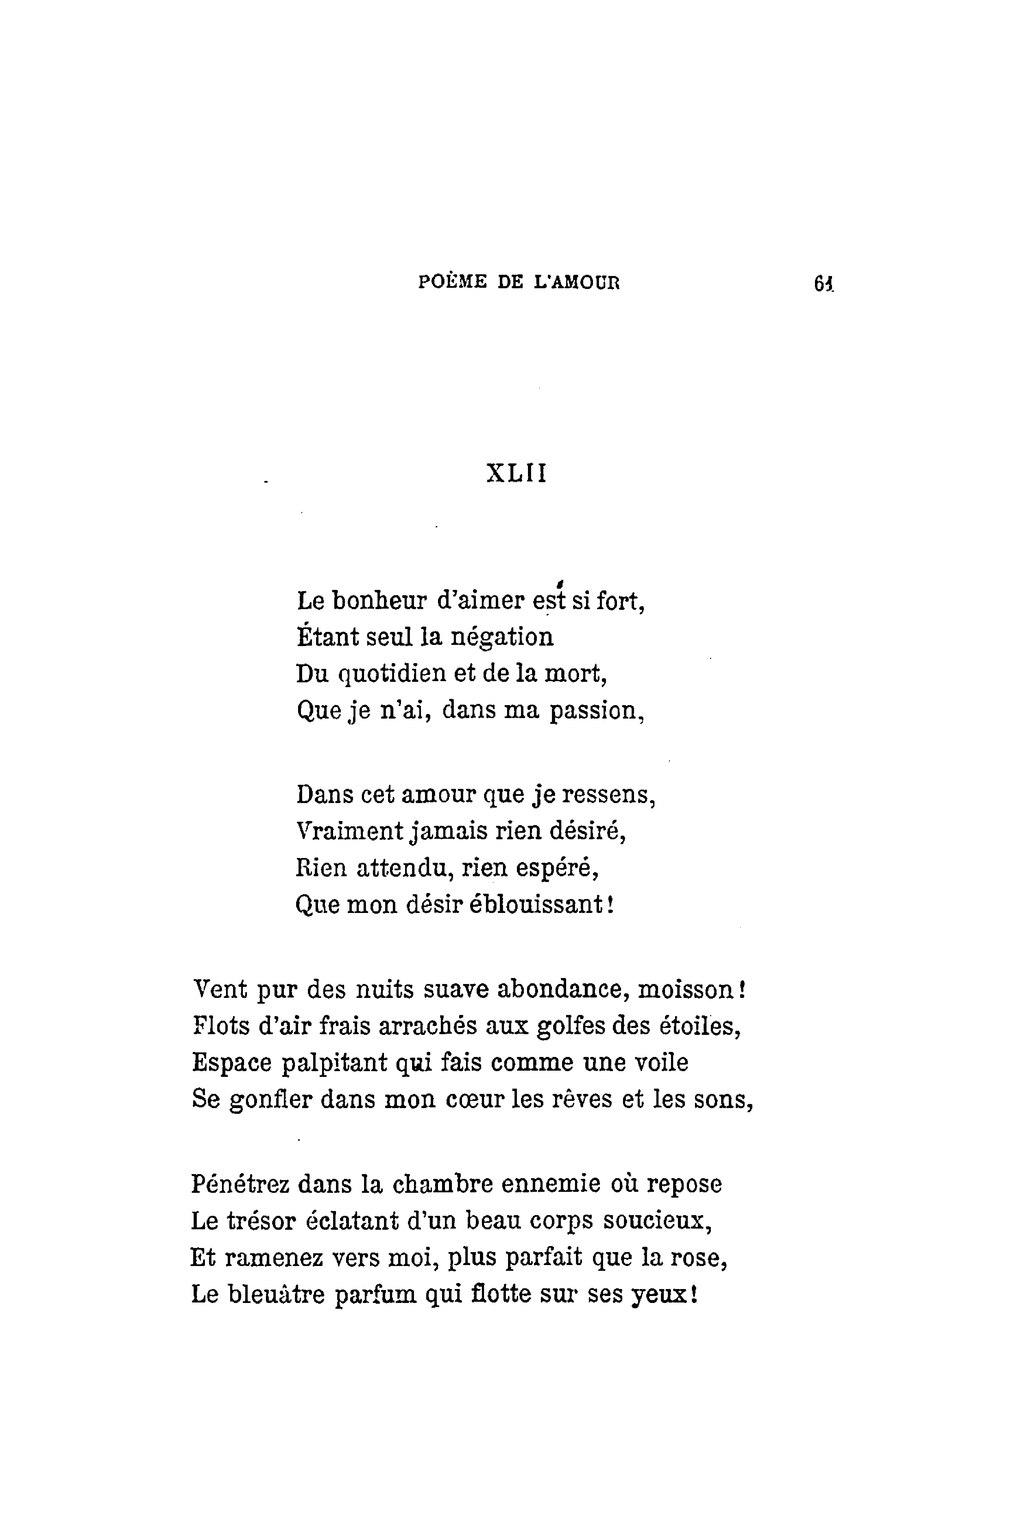 Pagenoailles Poème De Lamour 1924djvu59 Wikisource